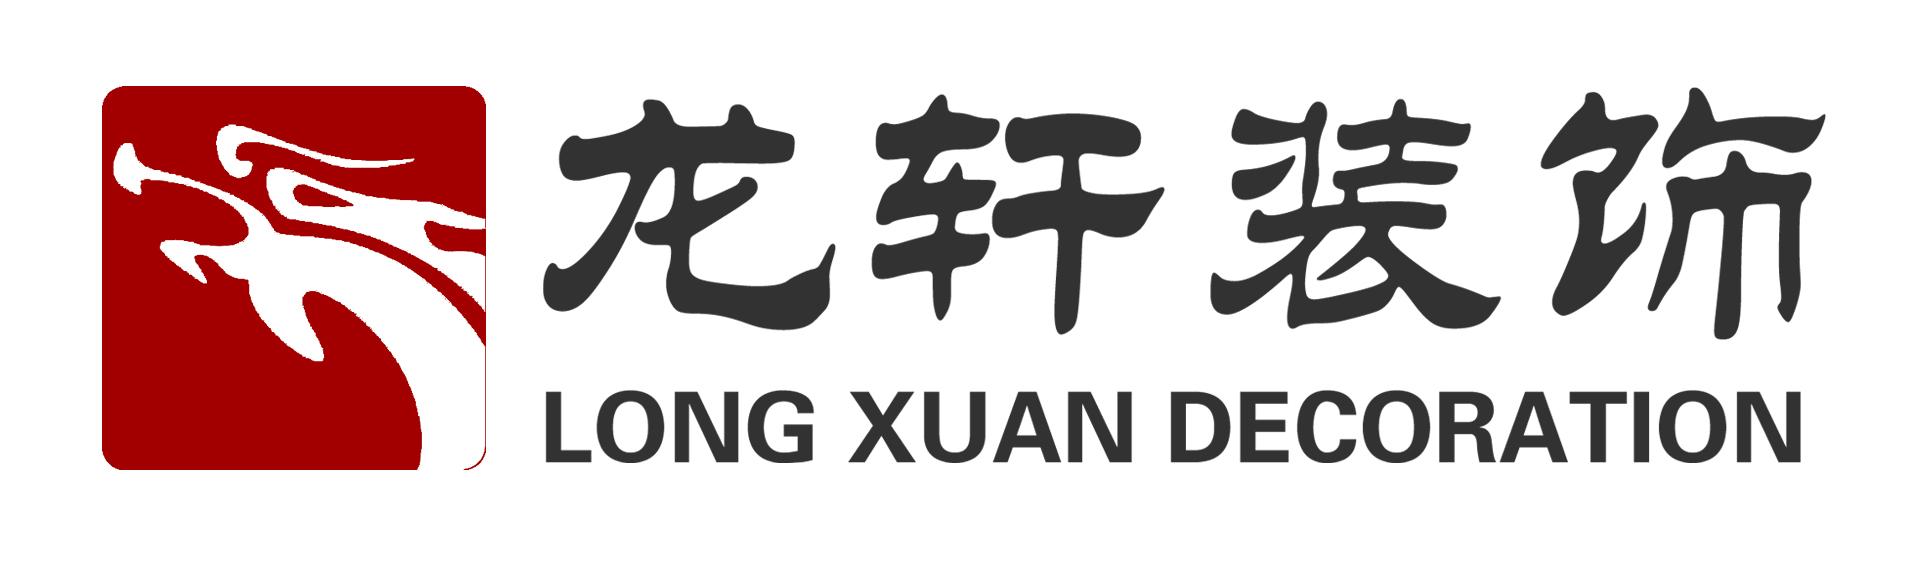 浙江龙御轩建设有限公司